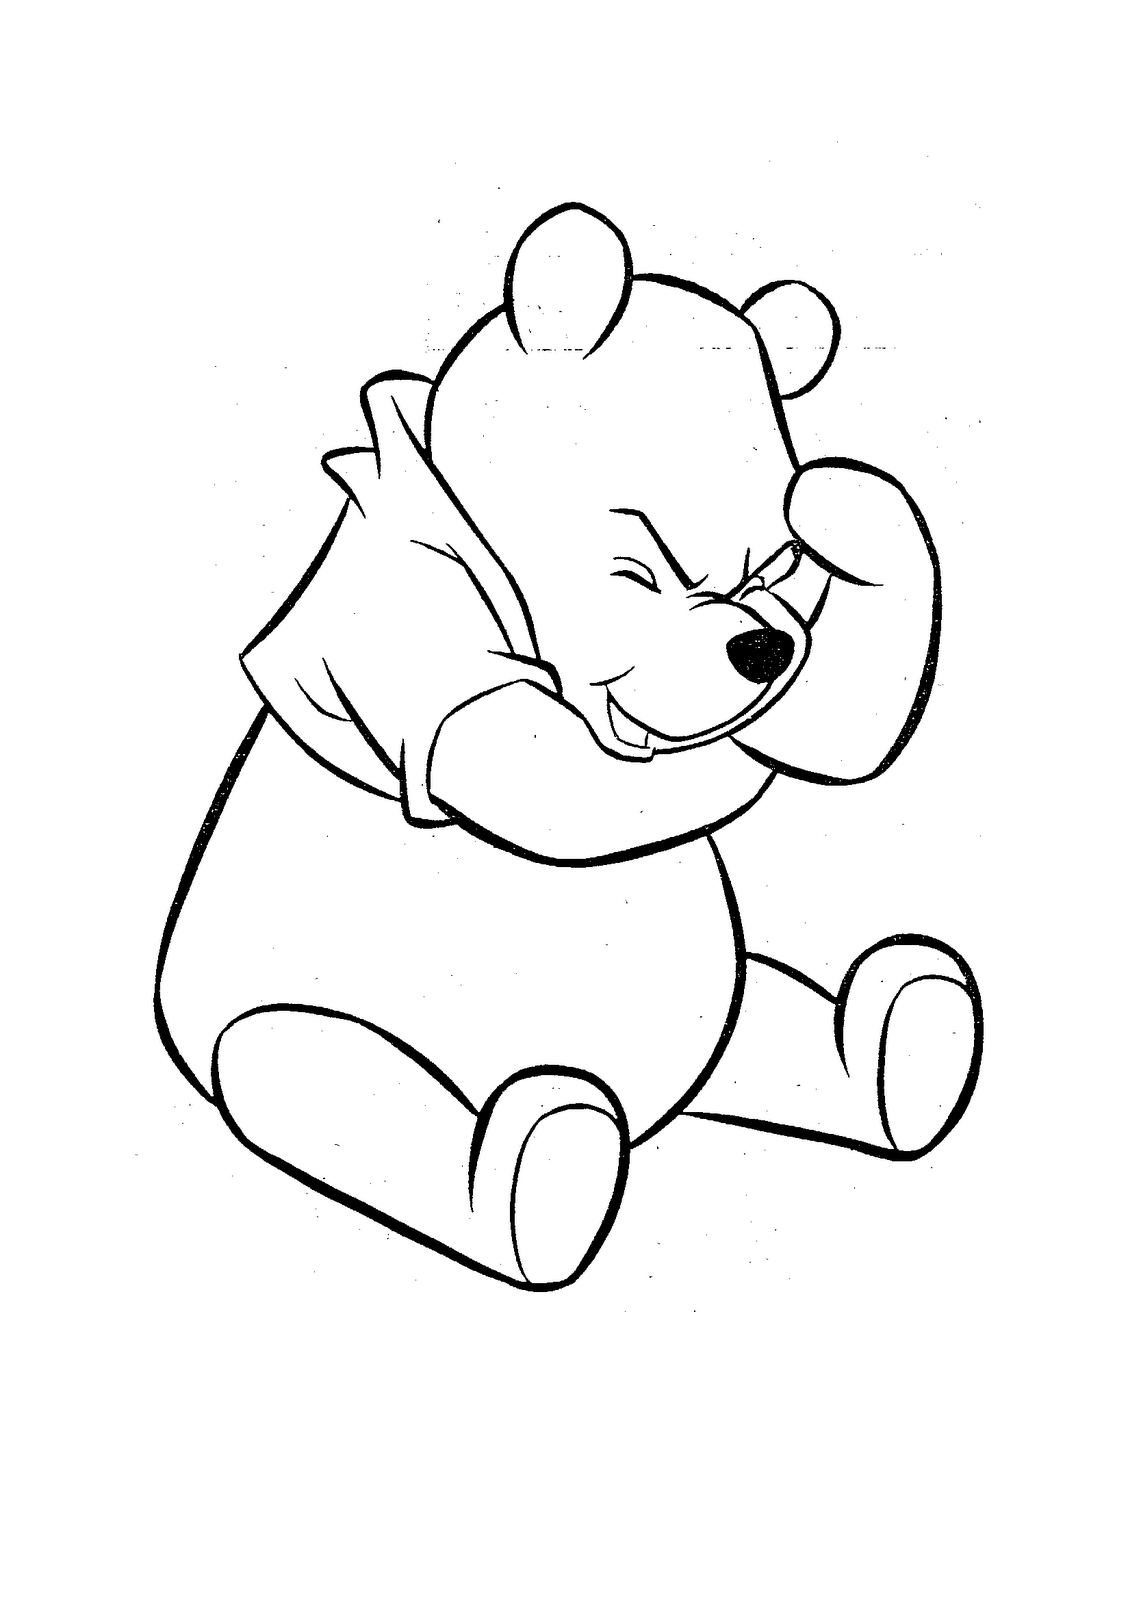 Bonito Walt Disney Para Colorear Imágenes Galería - Dibujos Para ...